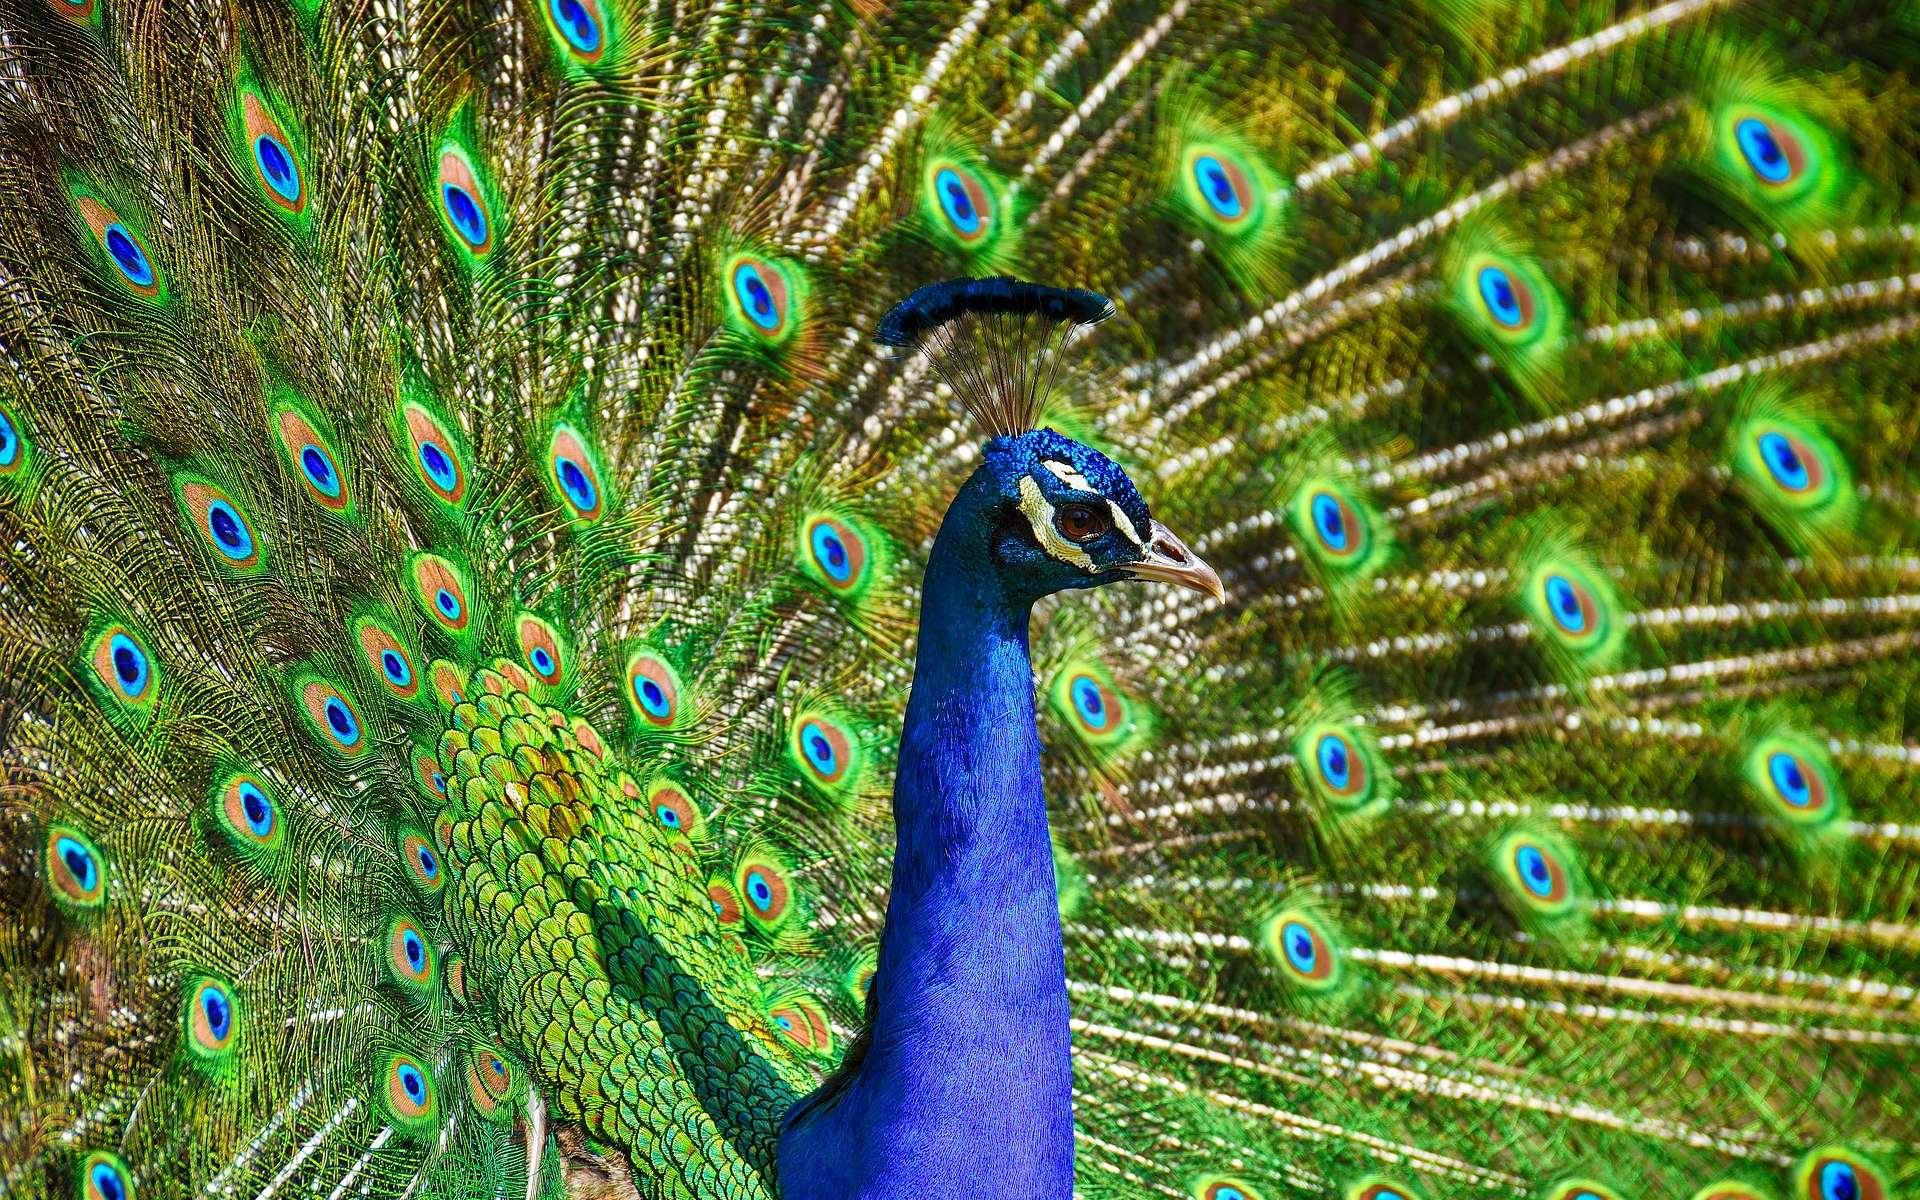 L'étonnante palette de couleurs dans la queue du paon. © Allanlau2000, Pixabay, DP